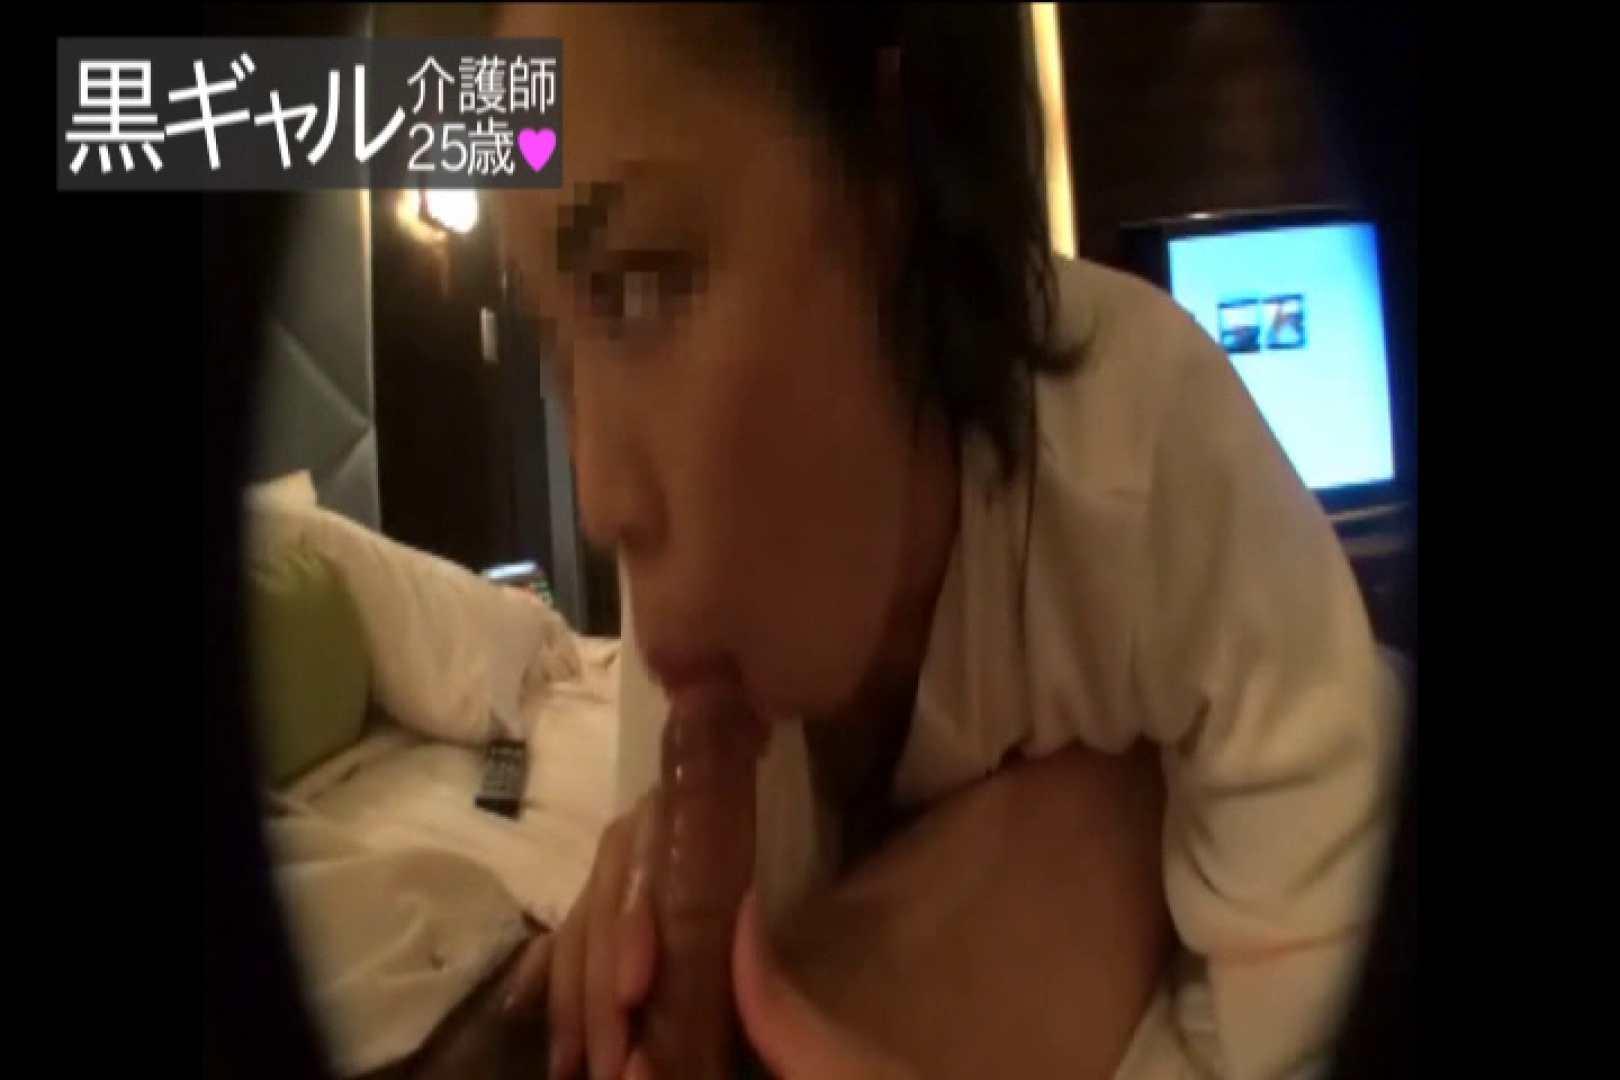 独占入手 従順M黒ギャル介護師25歳vol.5 エッチなOL | ギャルのエロ動画  78pic 11